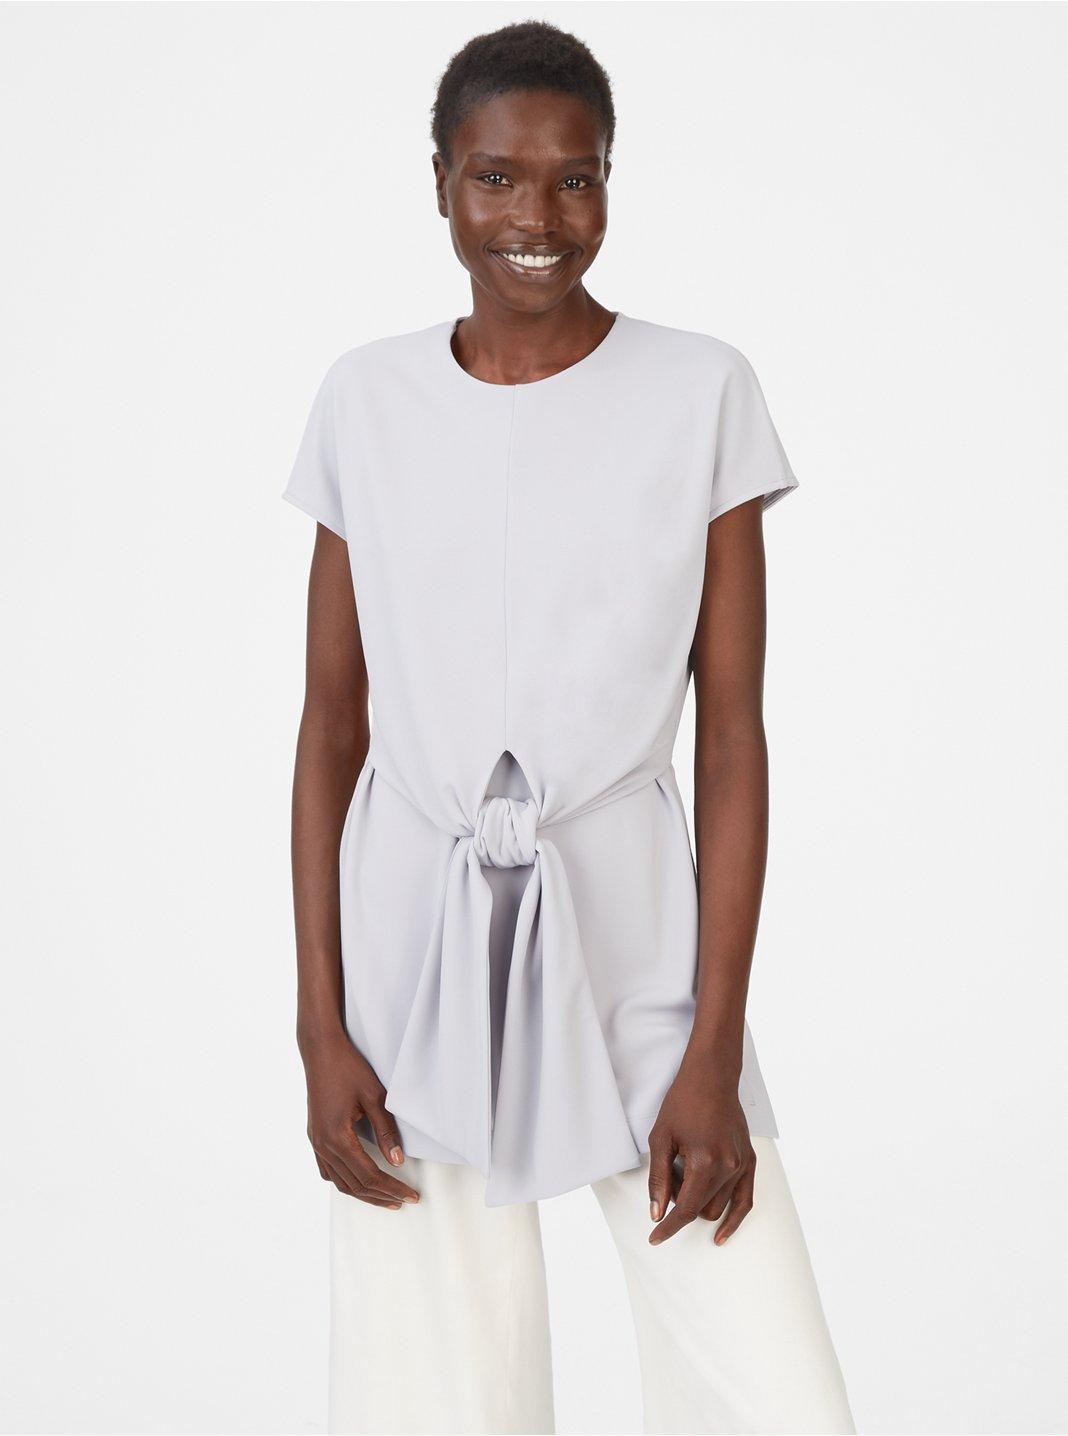 클럽 모나코 Vahlee 반팔 티셔츠  Club Monaco Vahlee Top,Ice Grey